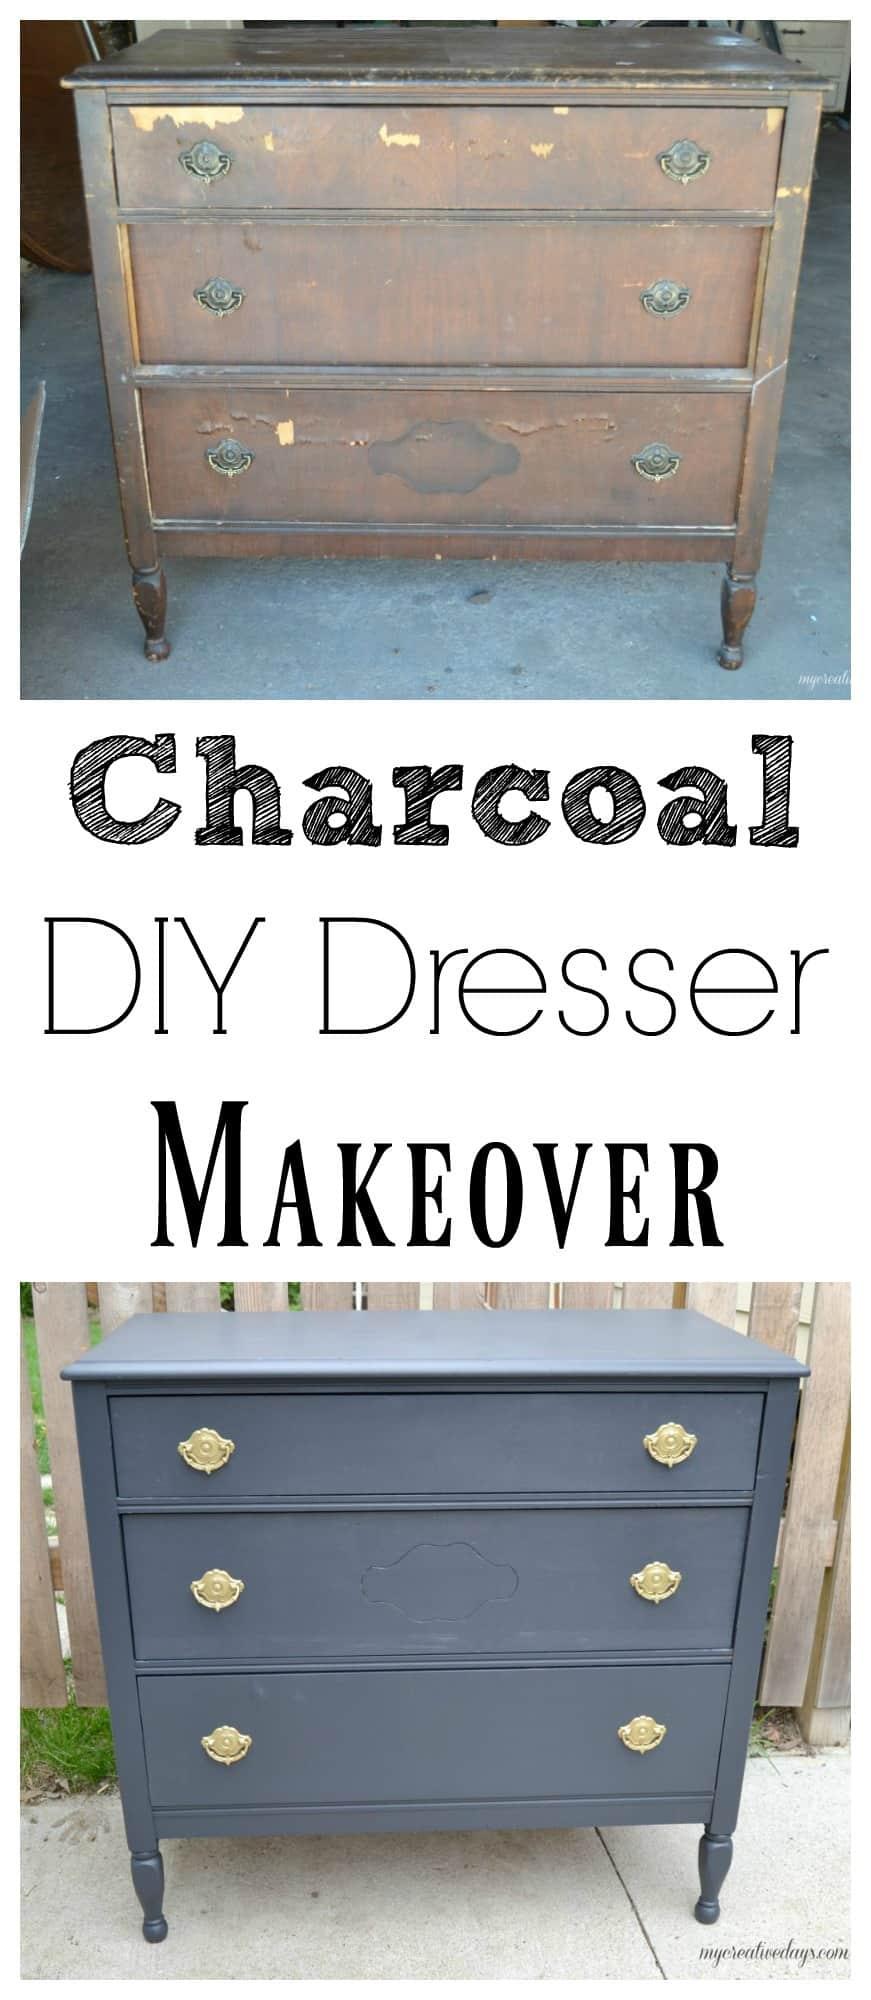 charcoal diy dresser makeover my creative days. Black Bedroom Furniture Sets. Home Design Ideas